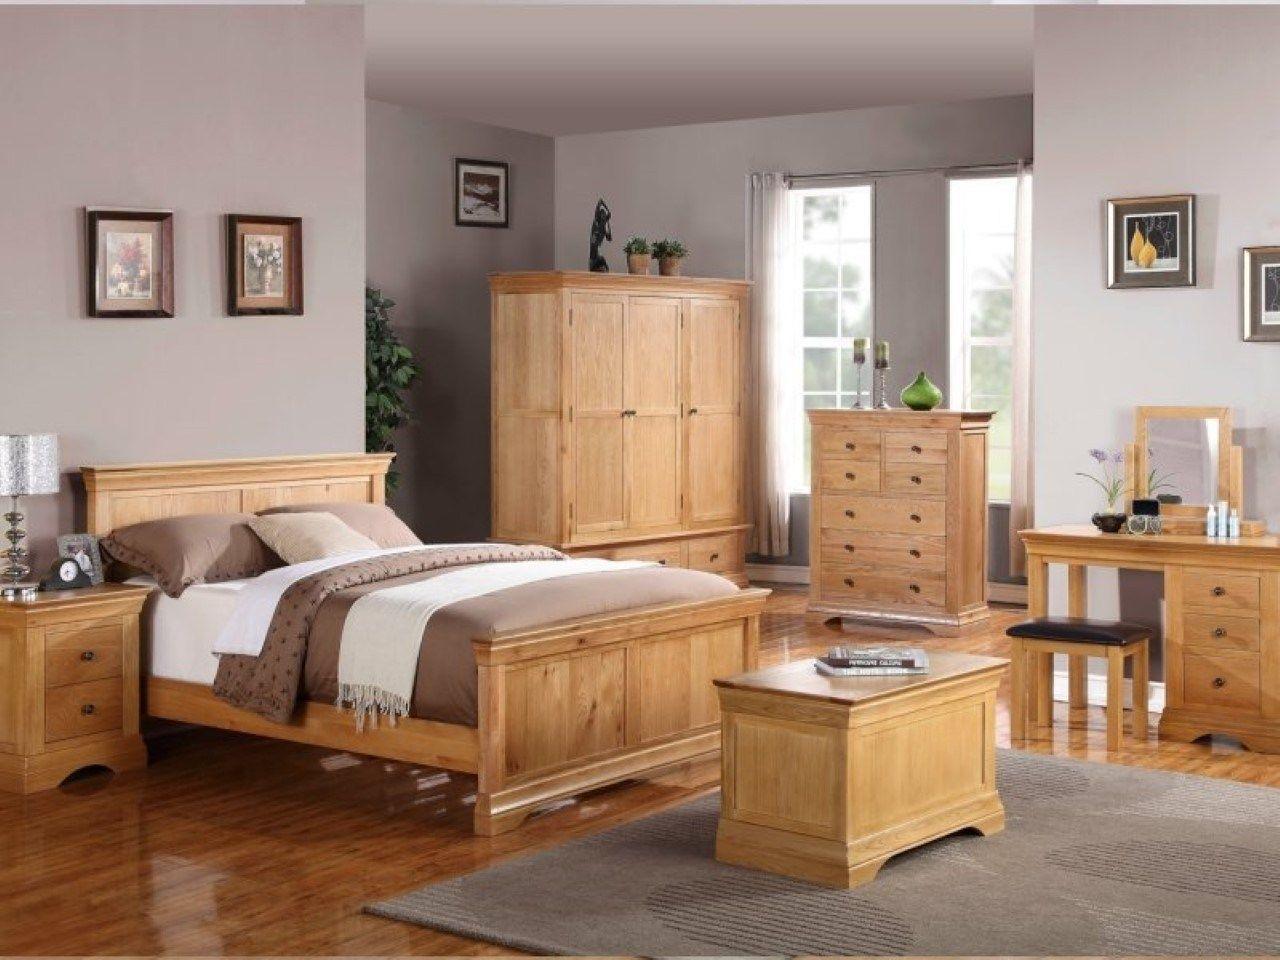 Light Bedroom Furniture Light Wood Bedroom Furniture Sets Uv